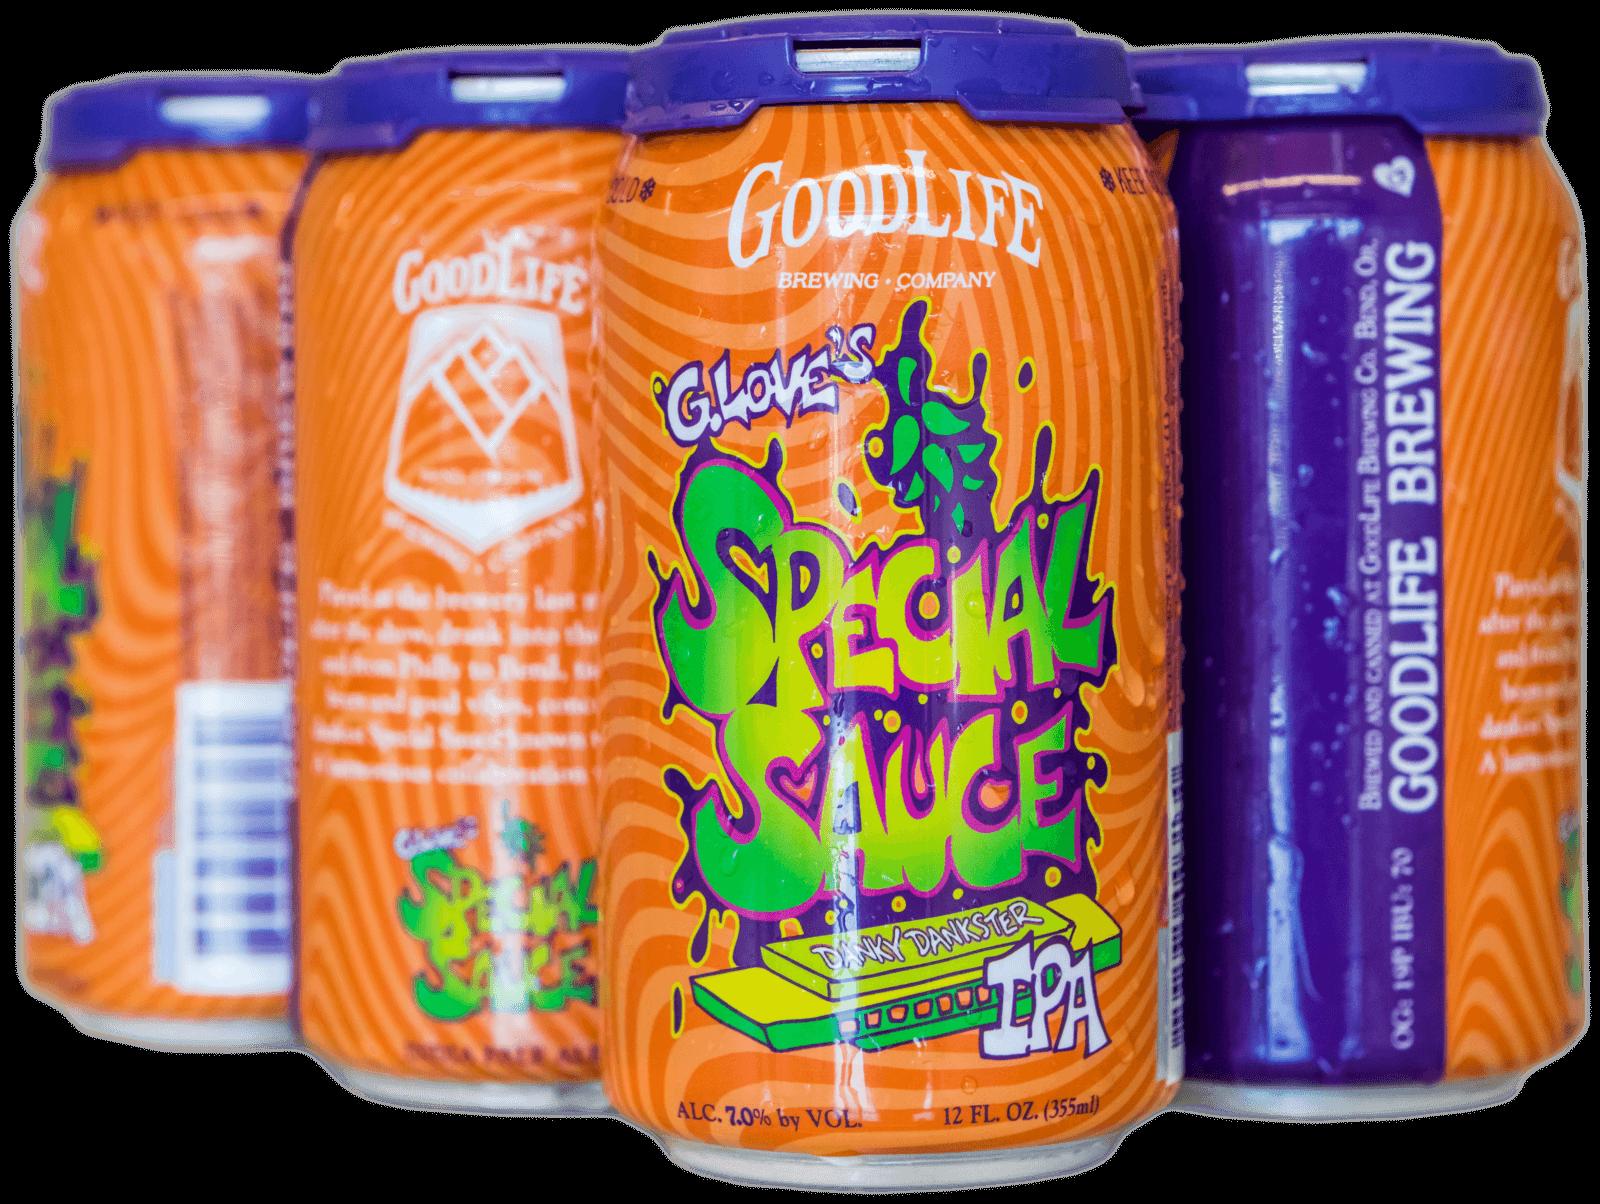 Goodlife beer design by Crowerks